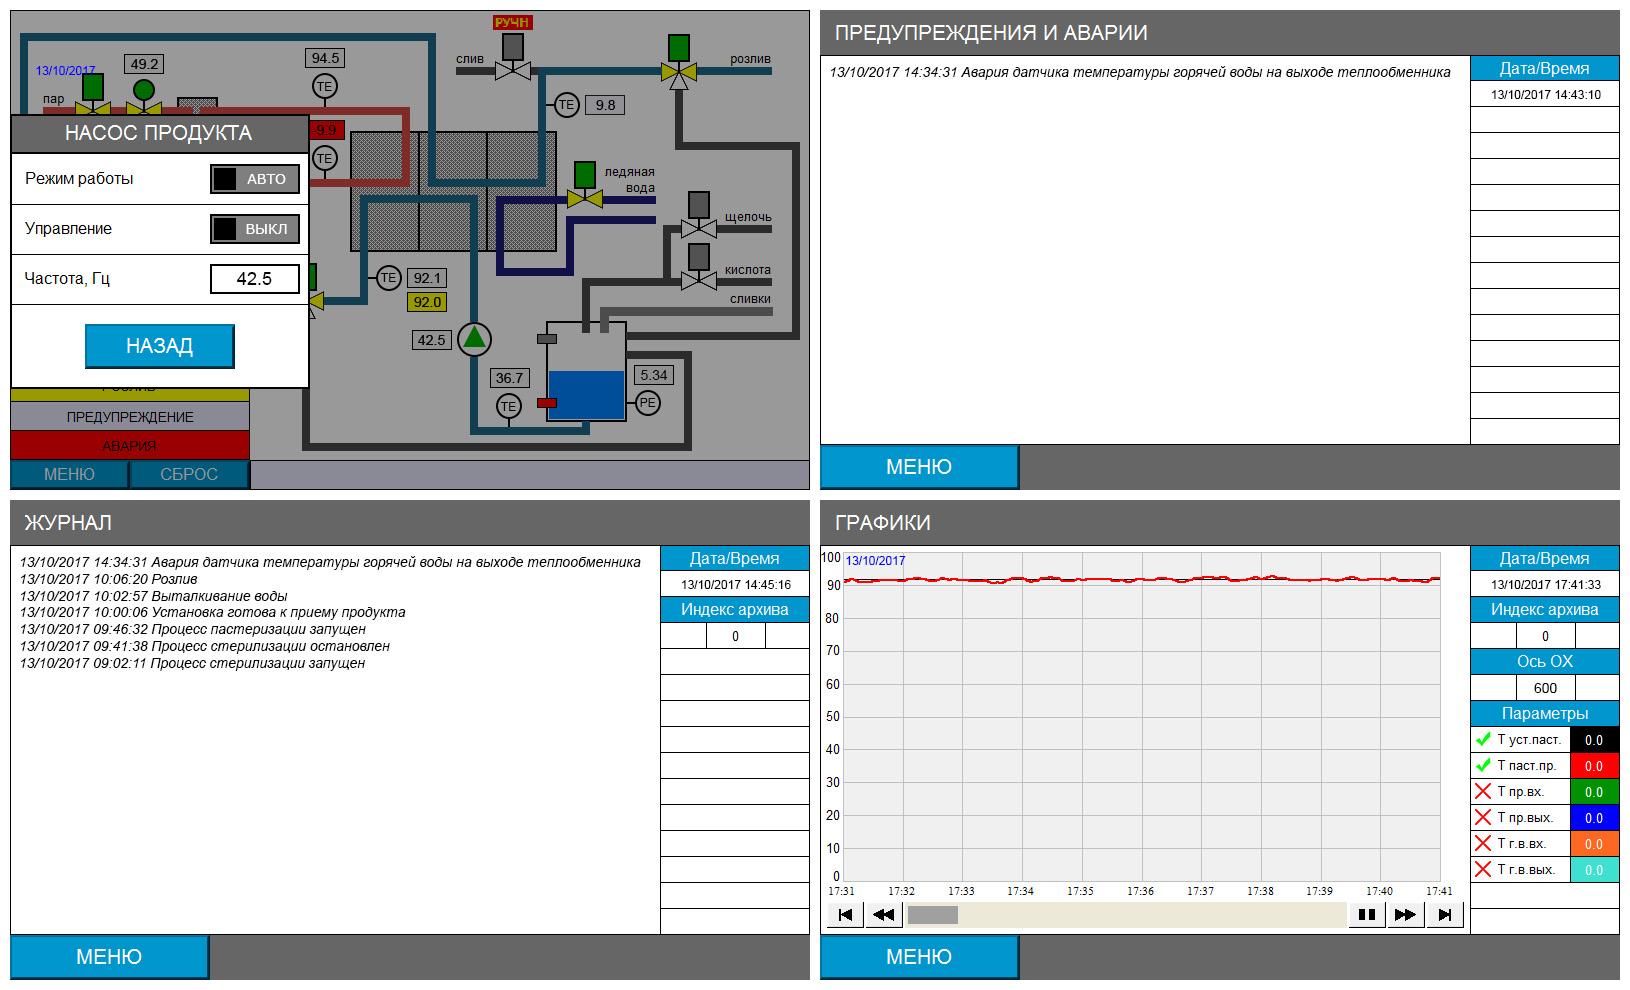 Пульт управления пастеризационно охладительной установкой для сливок - экраны панели оператора 2